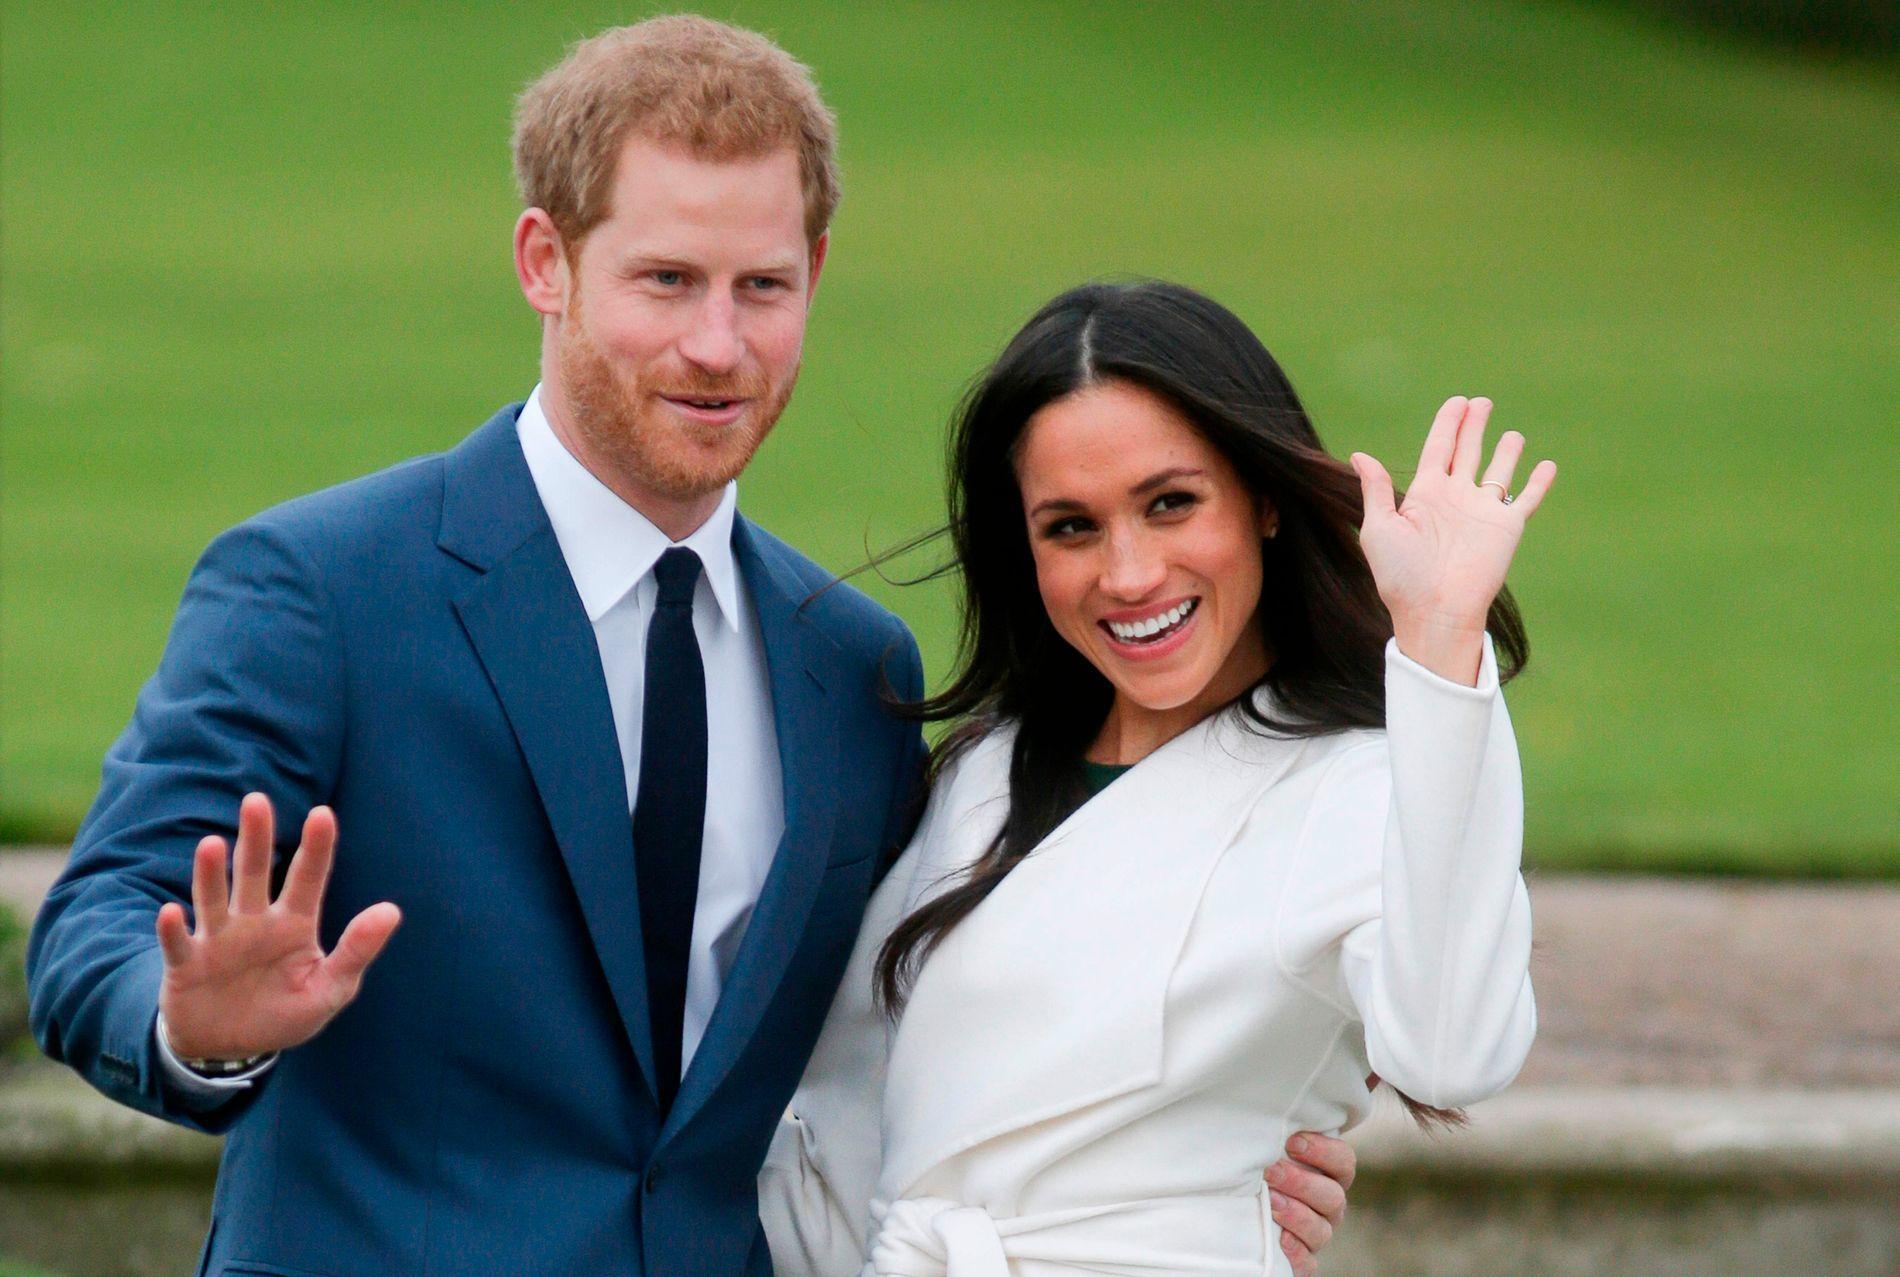 GIFTER SEG: Prins Harry og Meghan Markle gifter seg i London denne våren, og det er knyttet stor spenning til hvem som blir invitert i bryllupet.